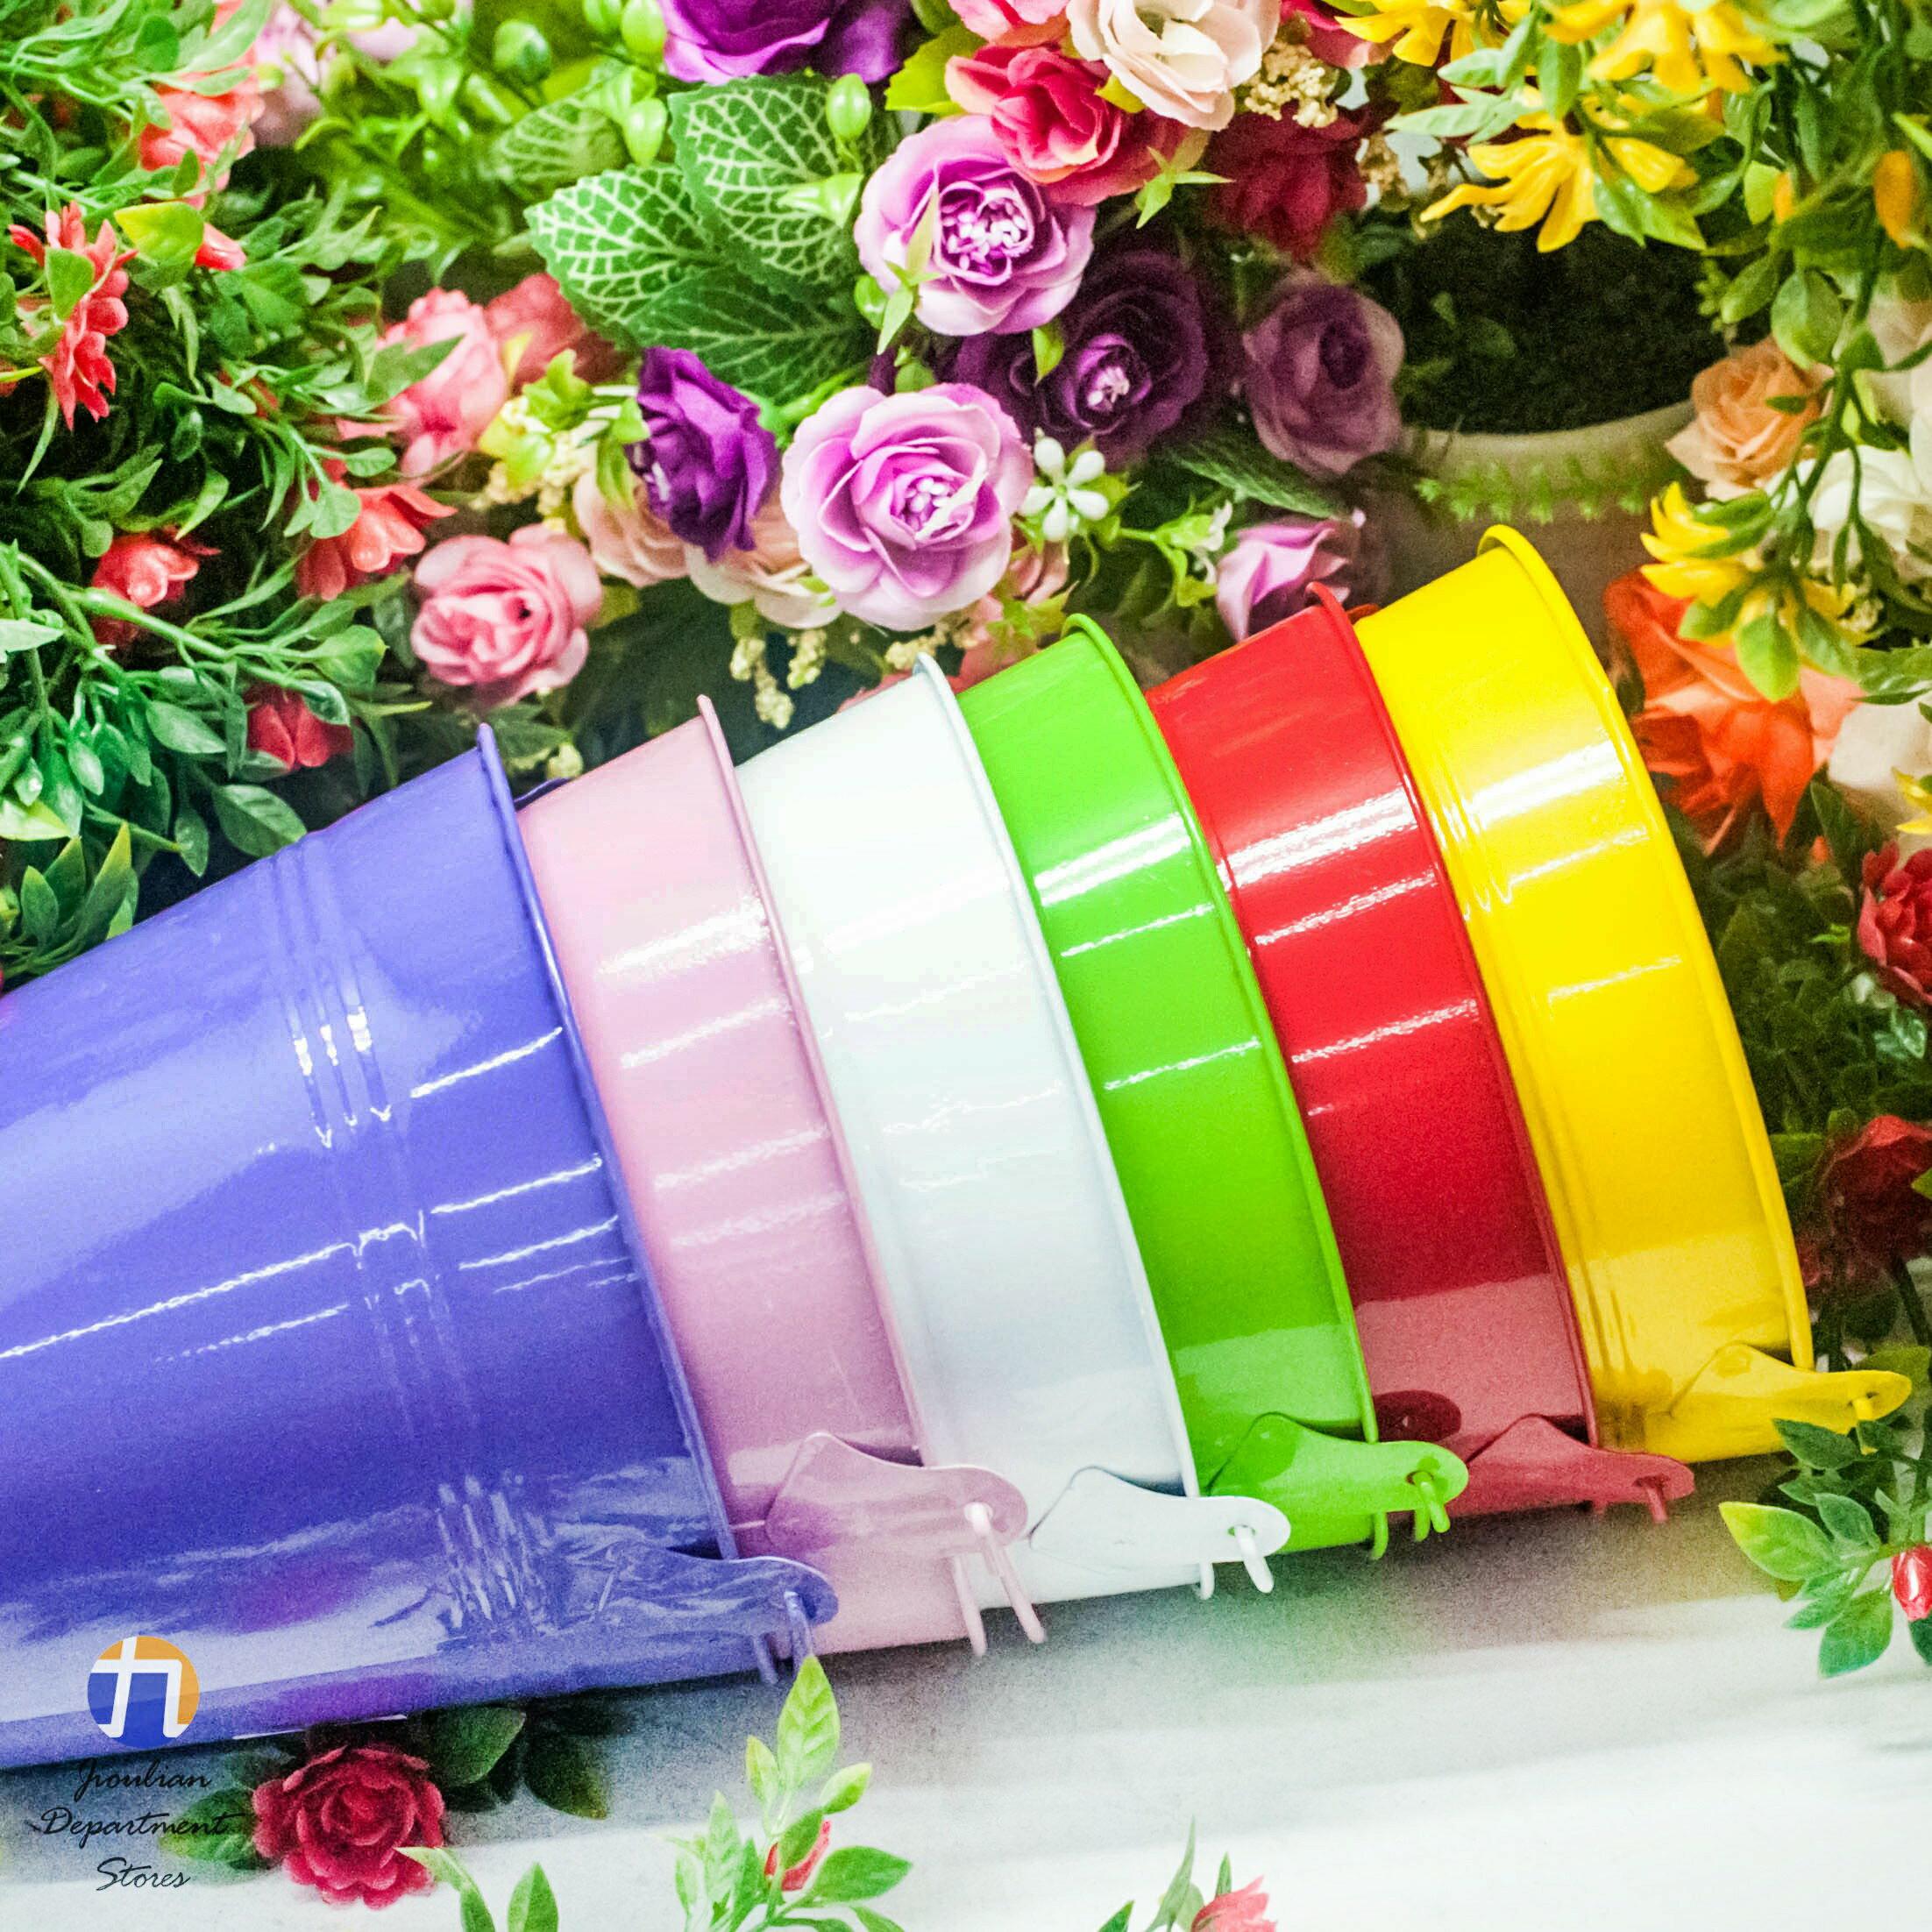 {九聯百貨} 水桶造型 家飾籃 造型花盆 (水桶造型) 桌上盆 鐵製造型花盆 6色